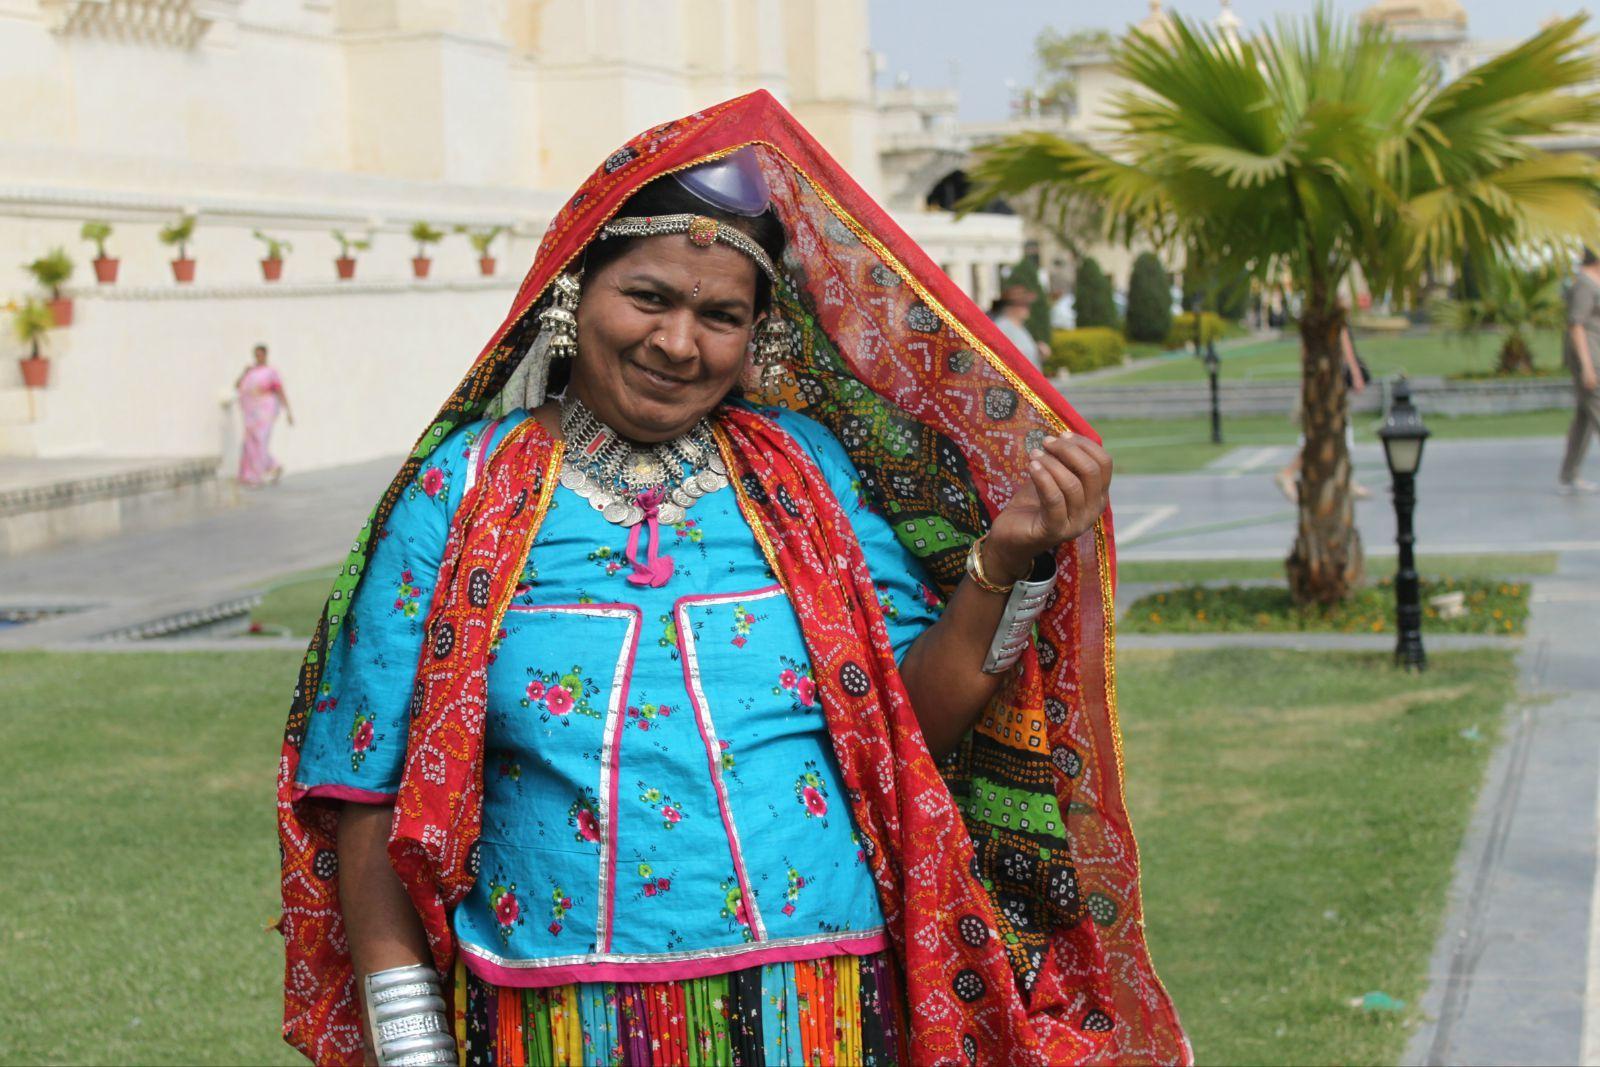 印度古典服装,现在的印度人也不穿的.